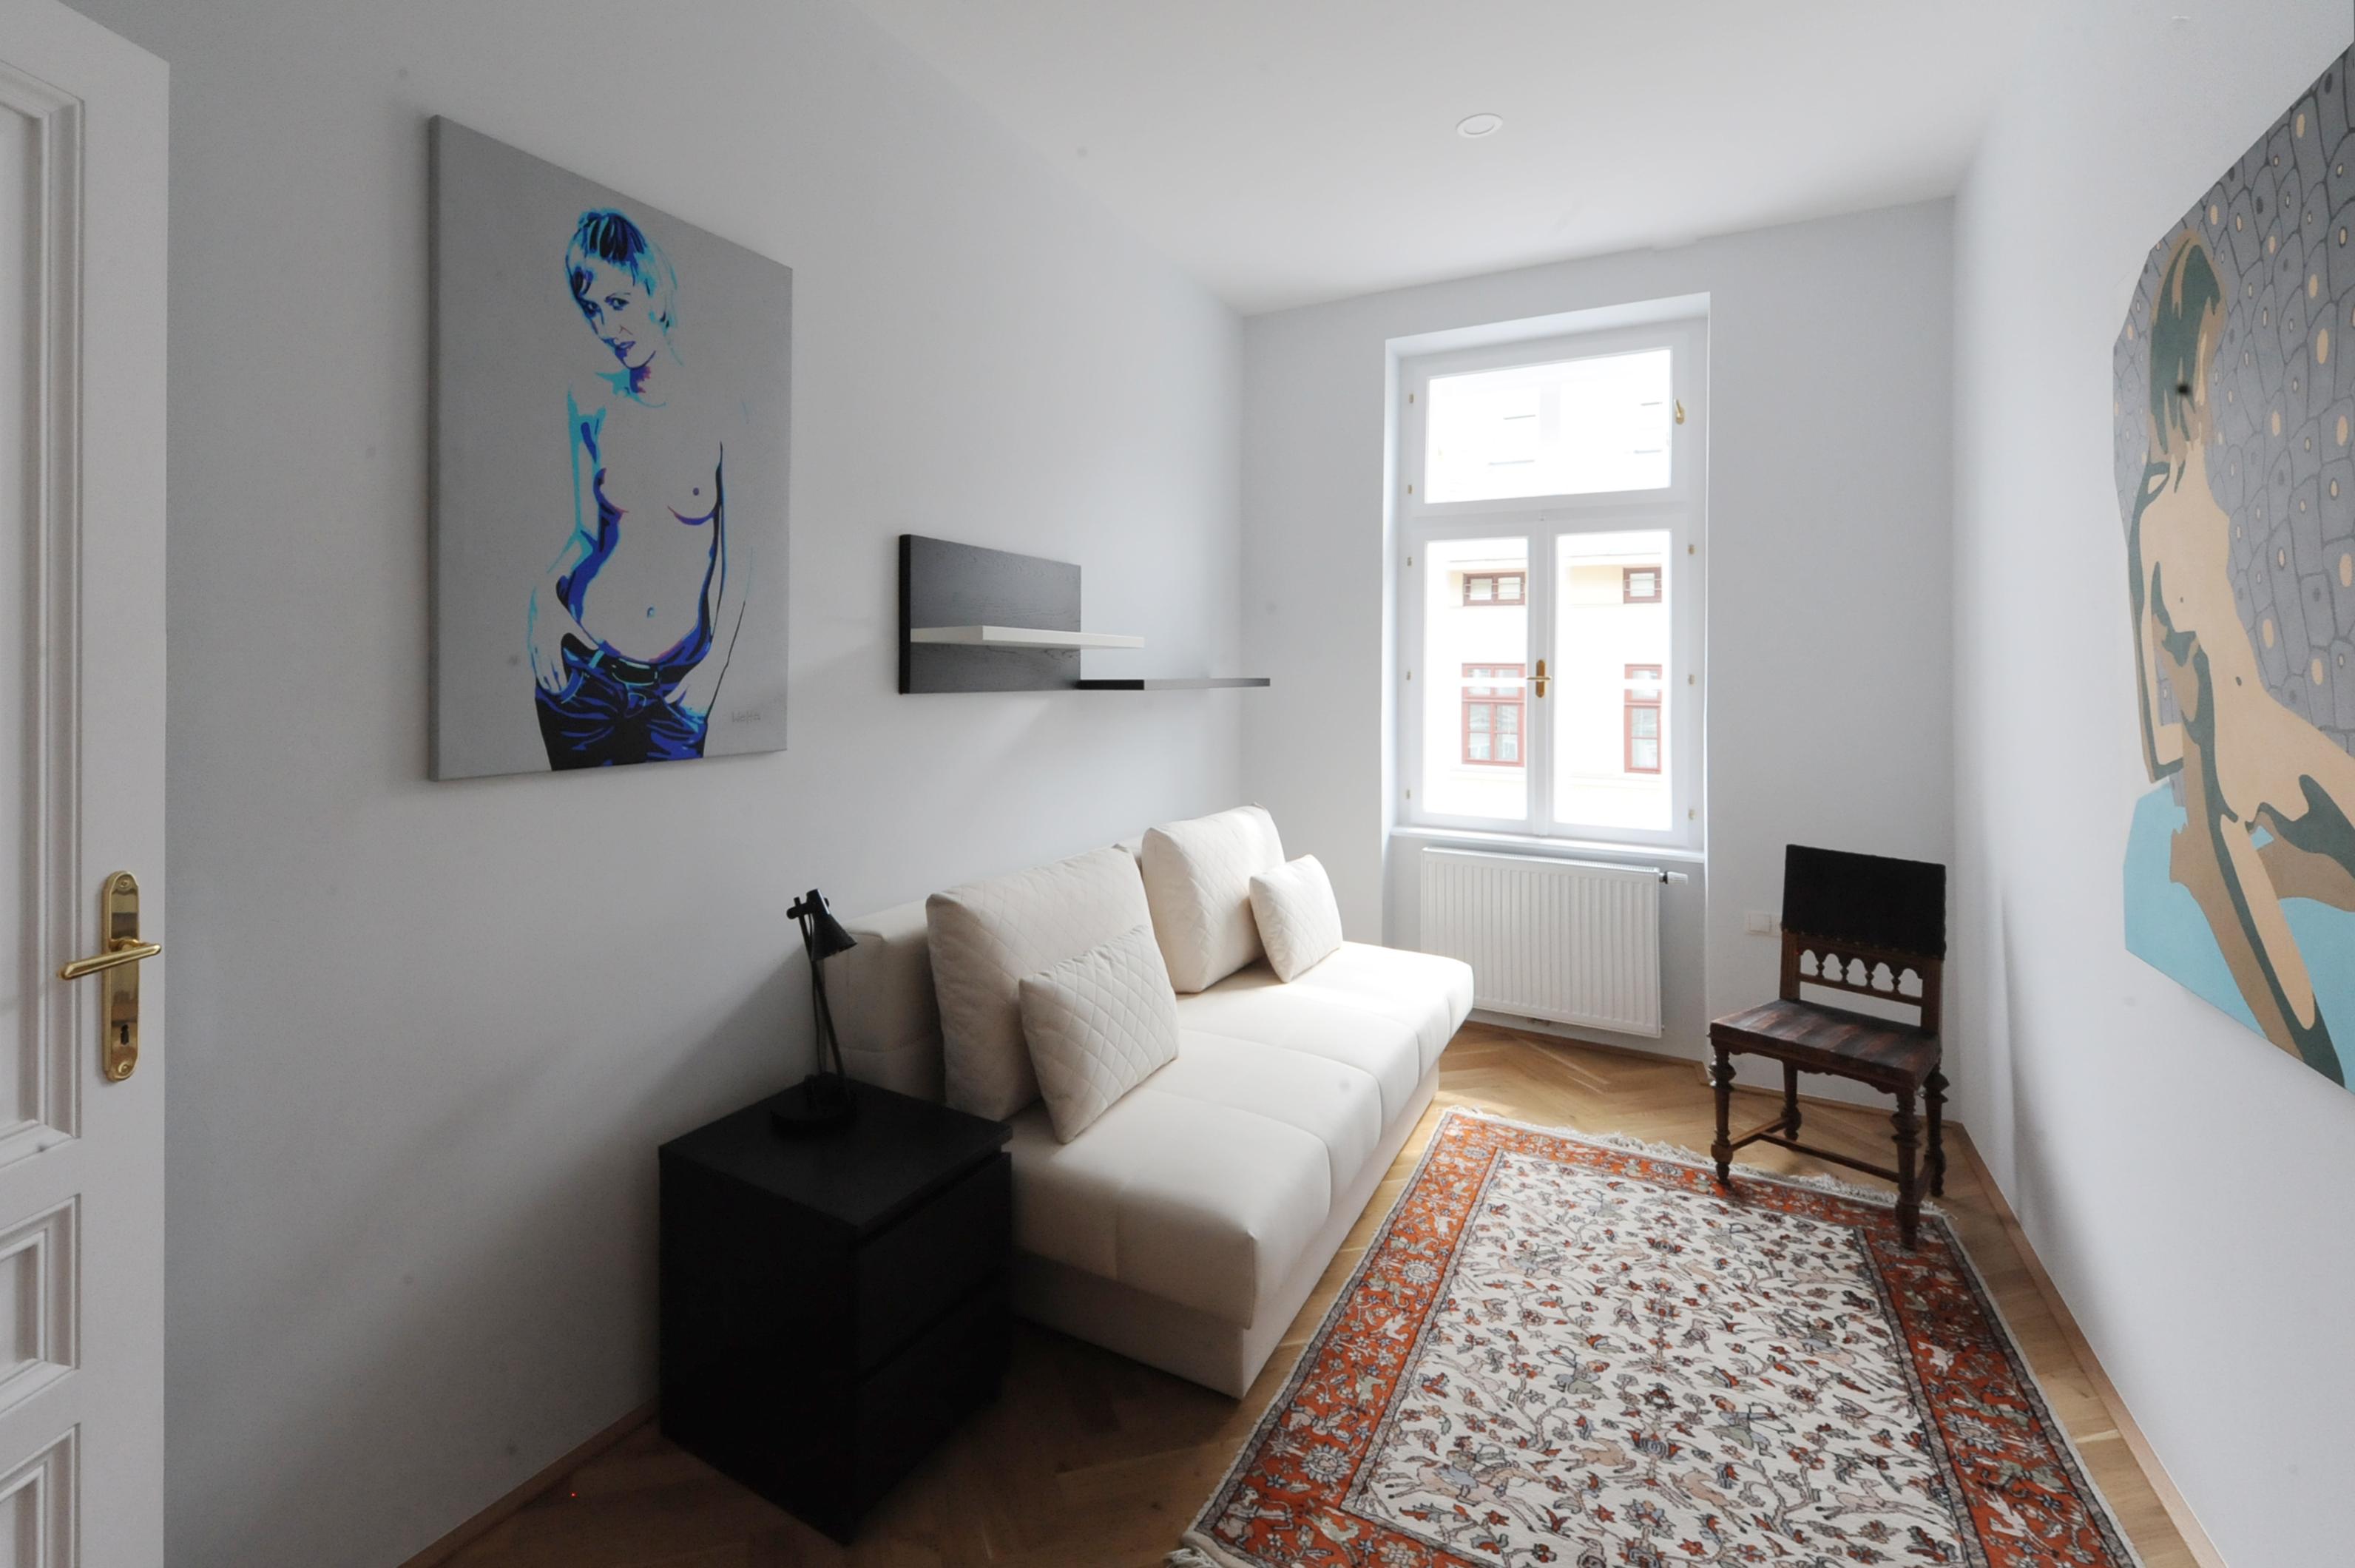 Modernes 3-Zimmer Apartment mit Klimaanlage - Objektdetails ...